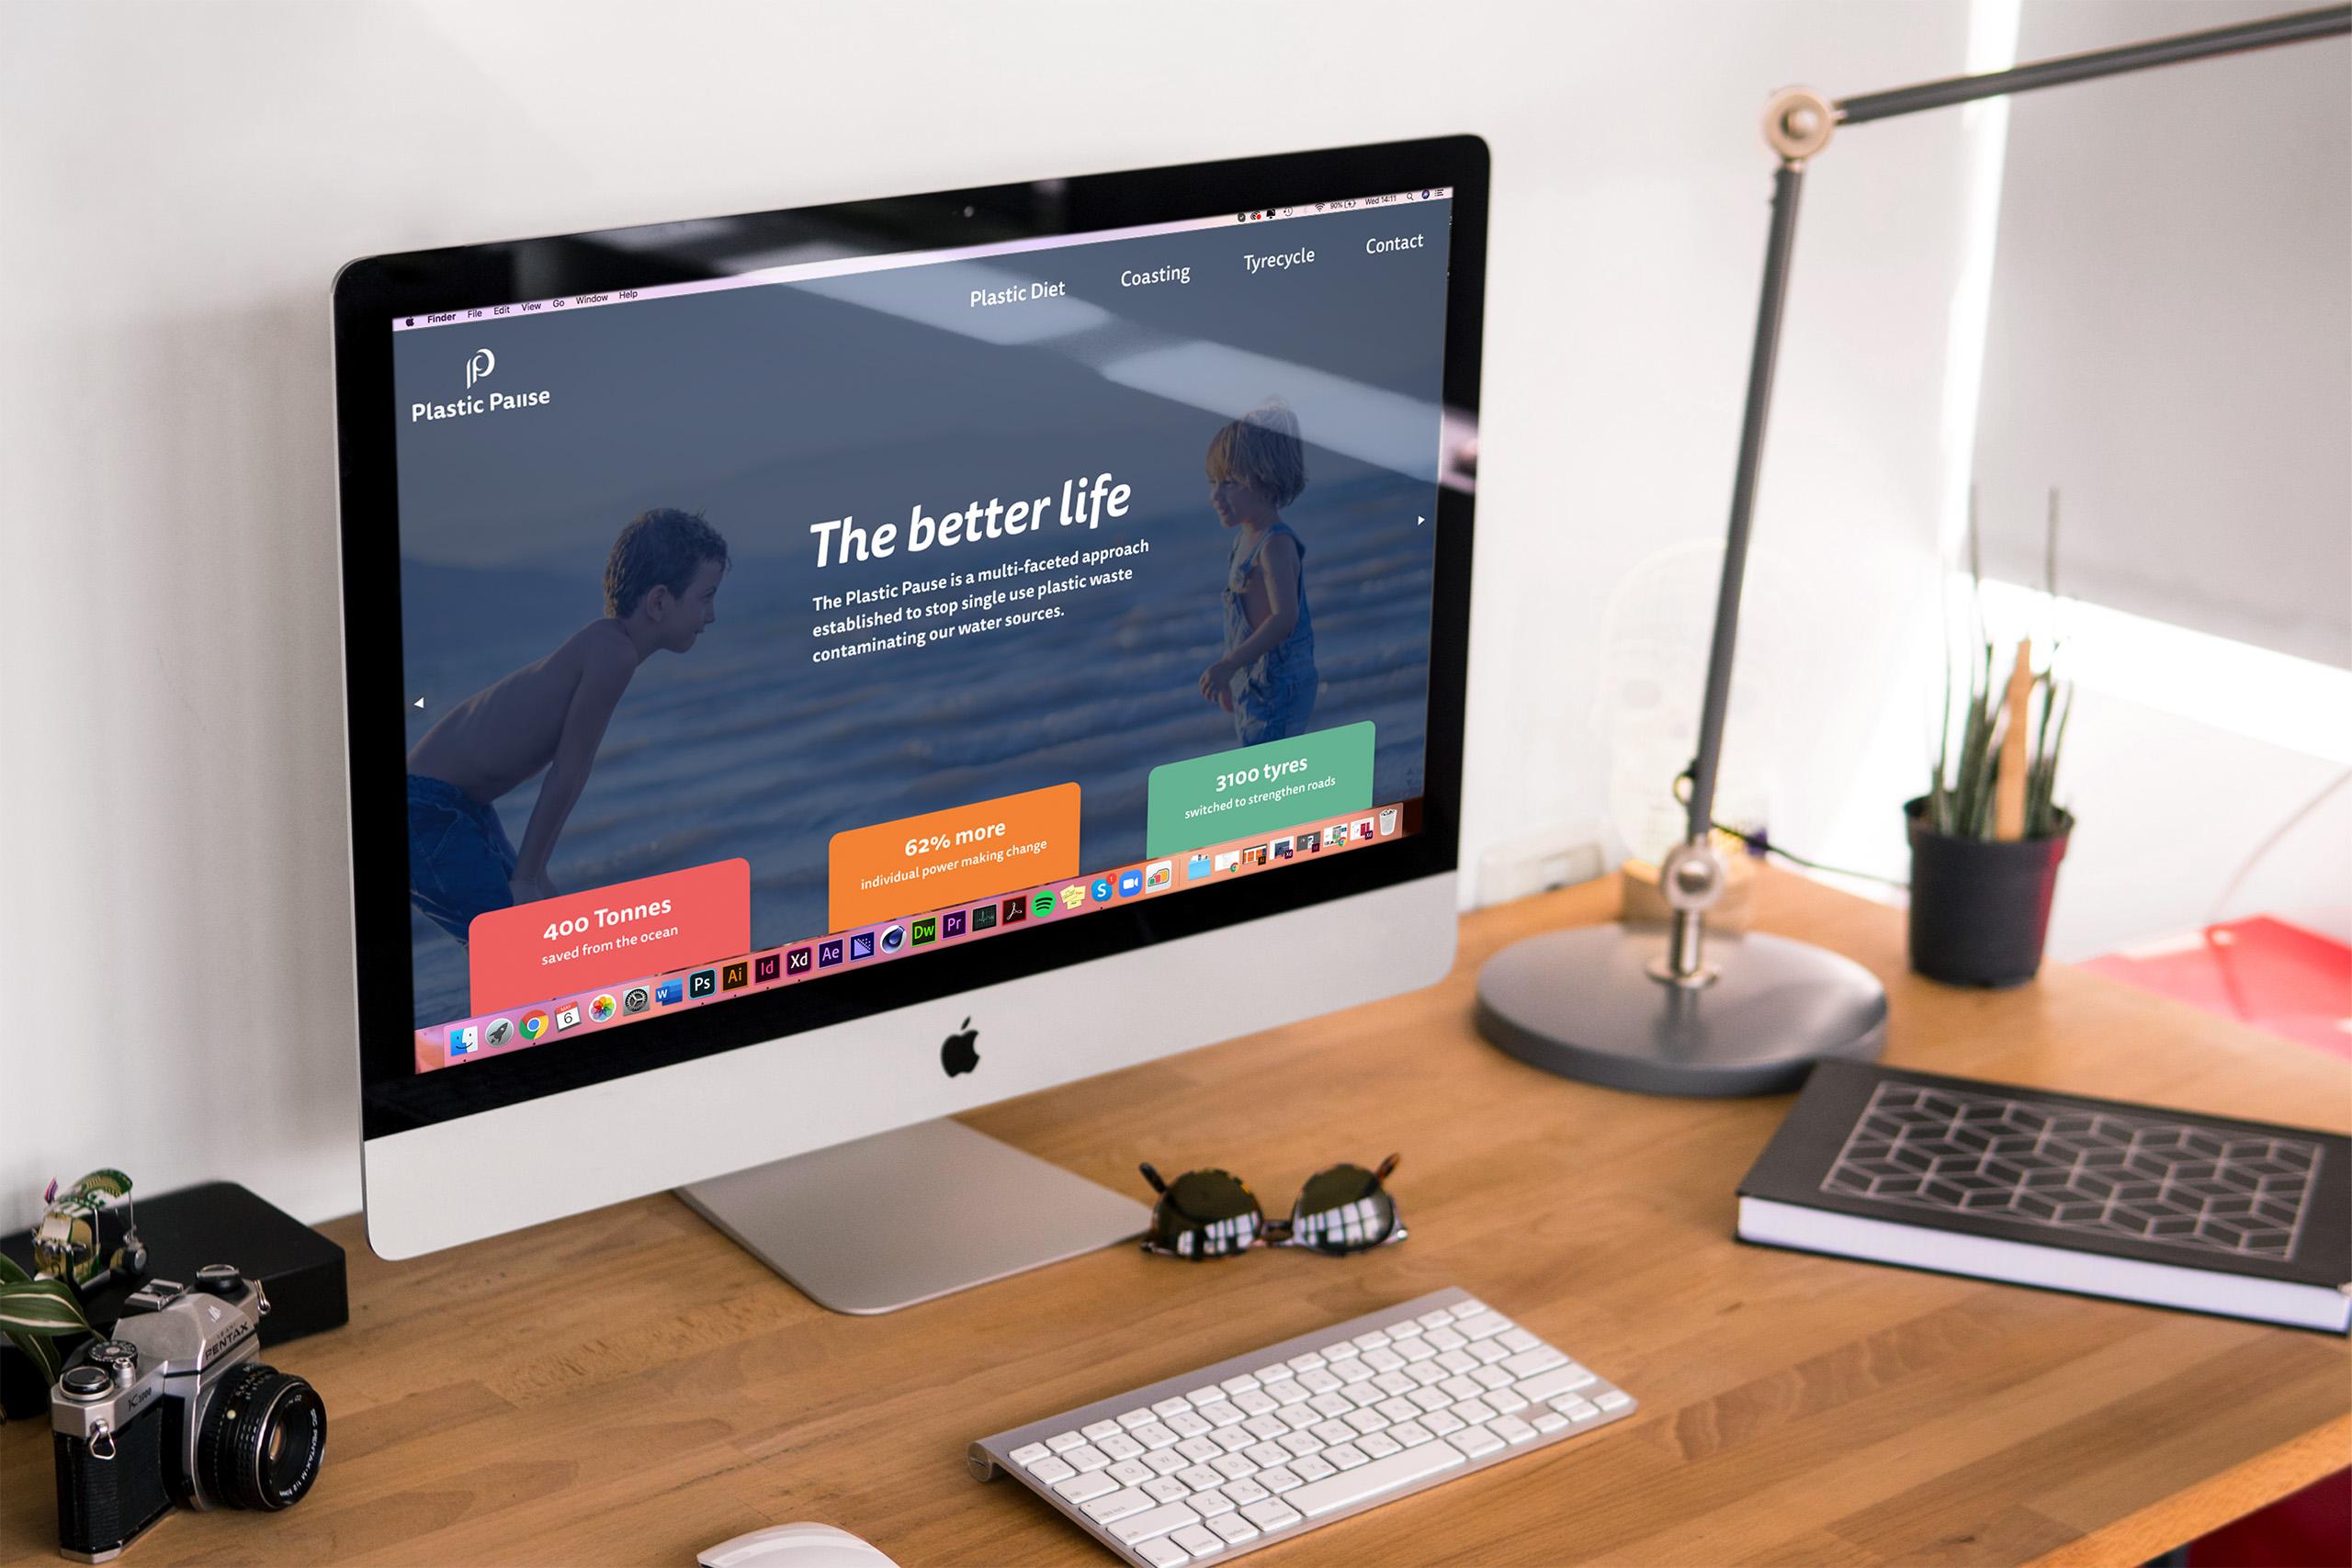 2020 vision desktop mock up website